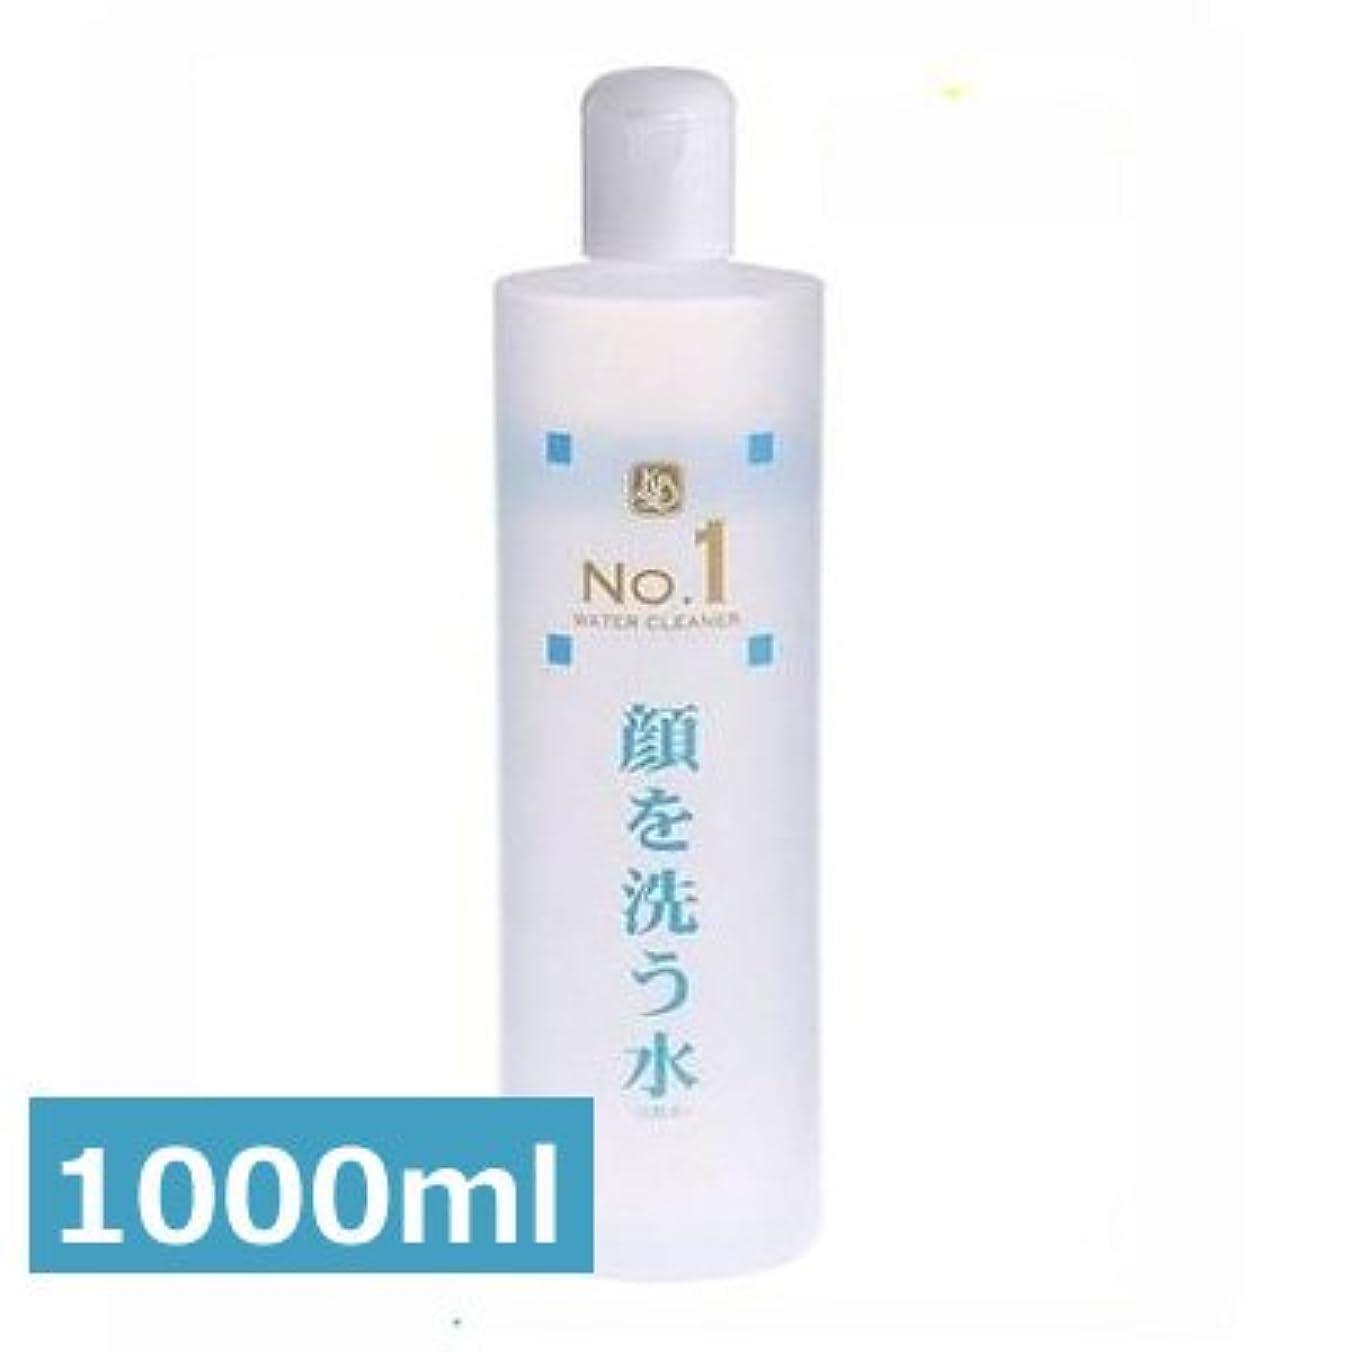 ファンブル架空のダイヤル顔を洗う水 No.1 1000ml×2本